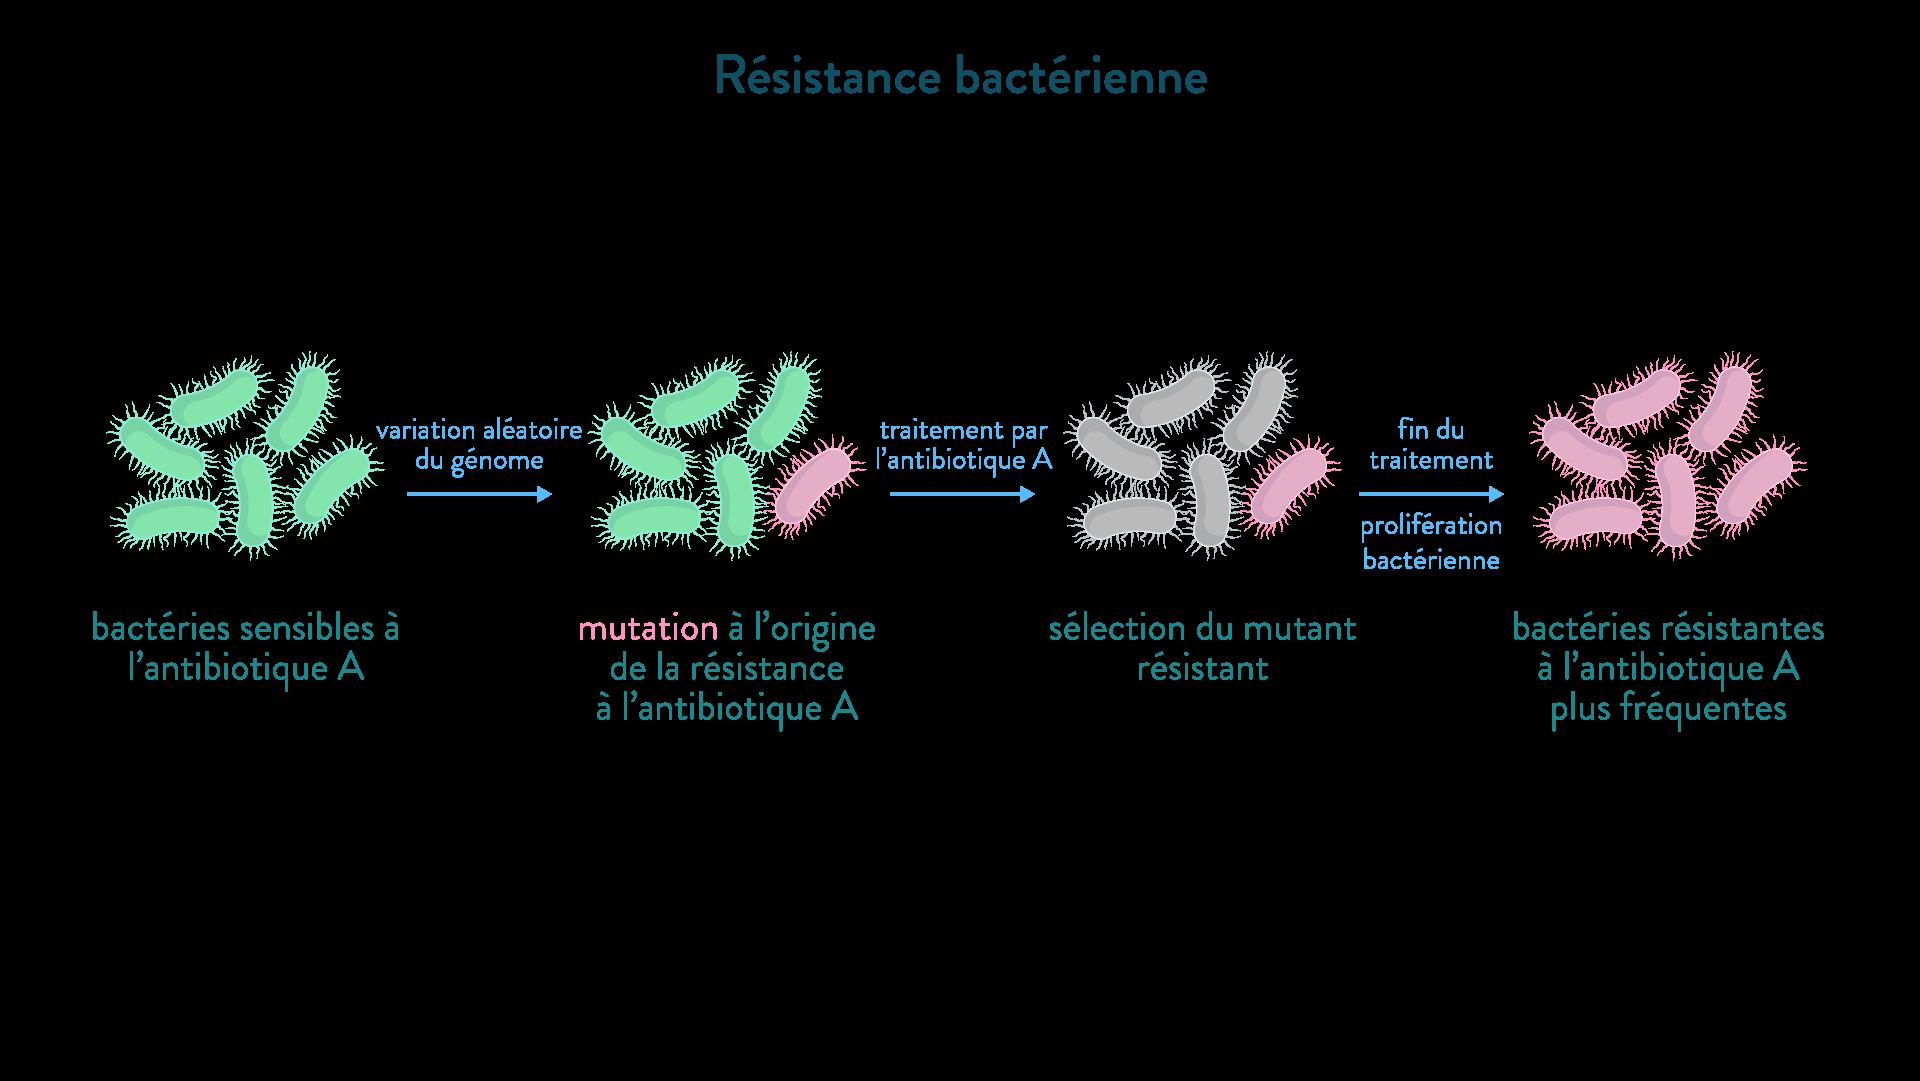 résistance bactérienn mutation